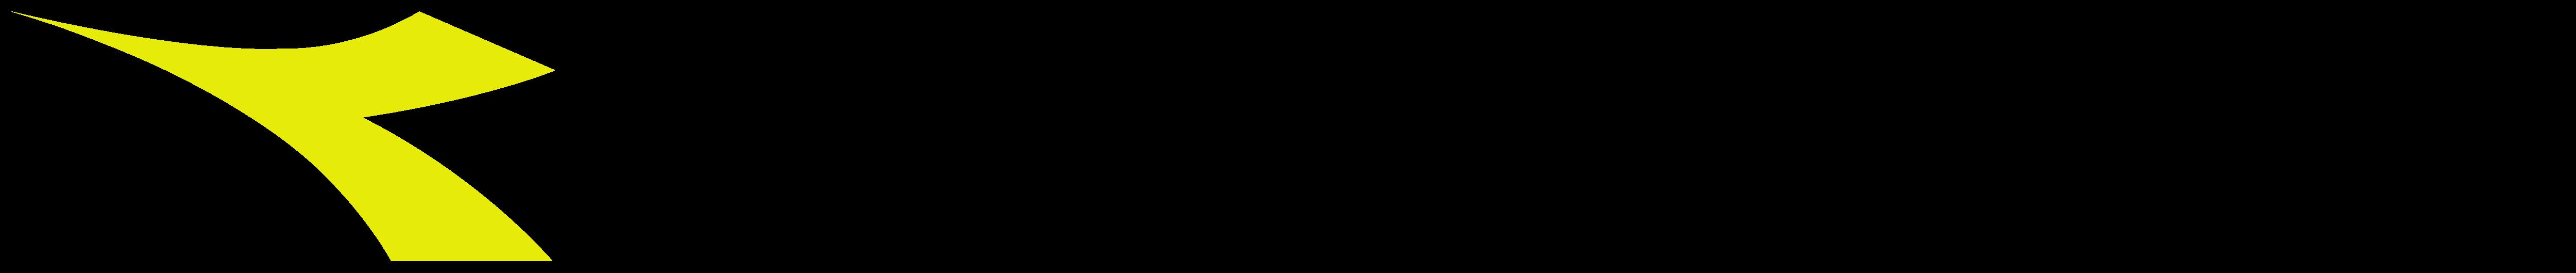 Risultati immagini per diadora logo